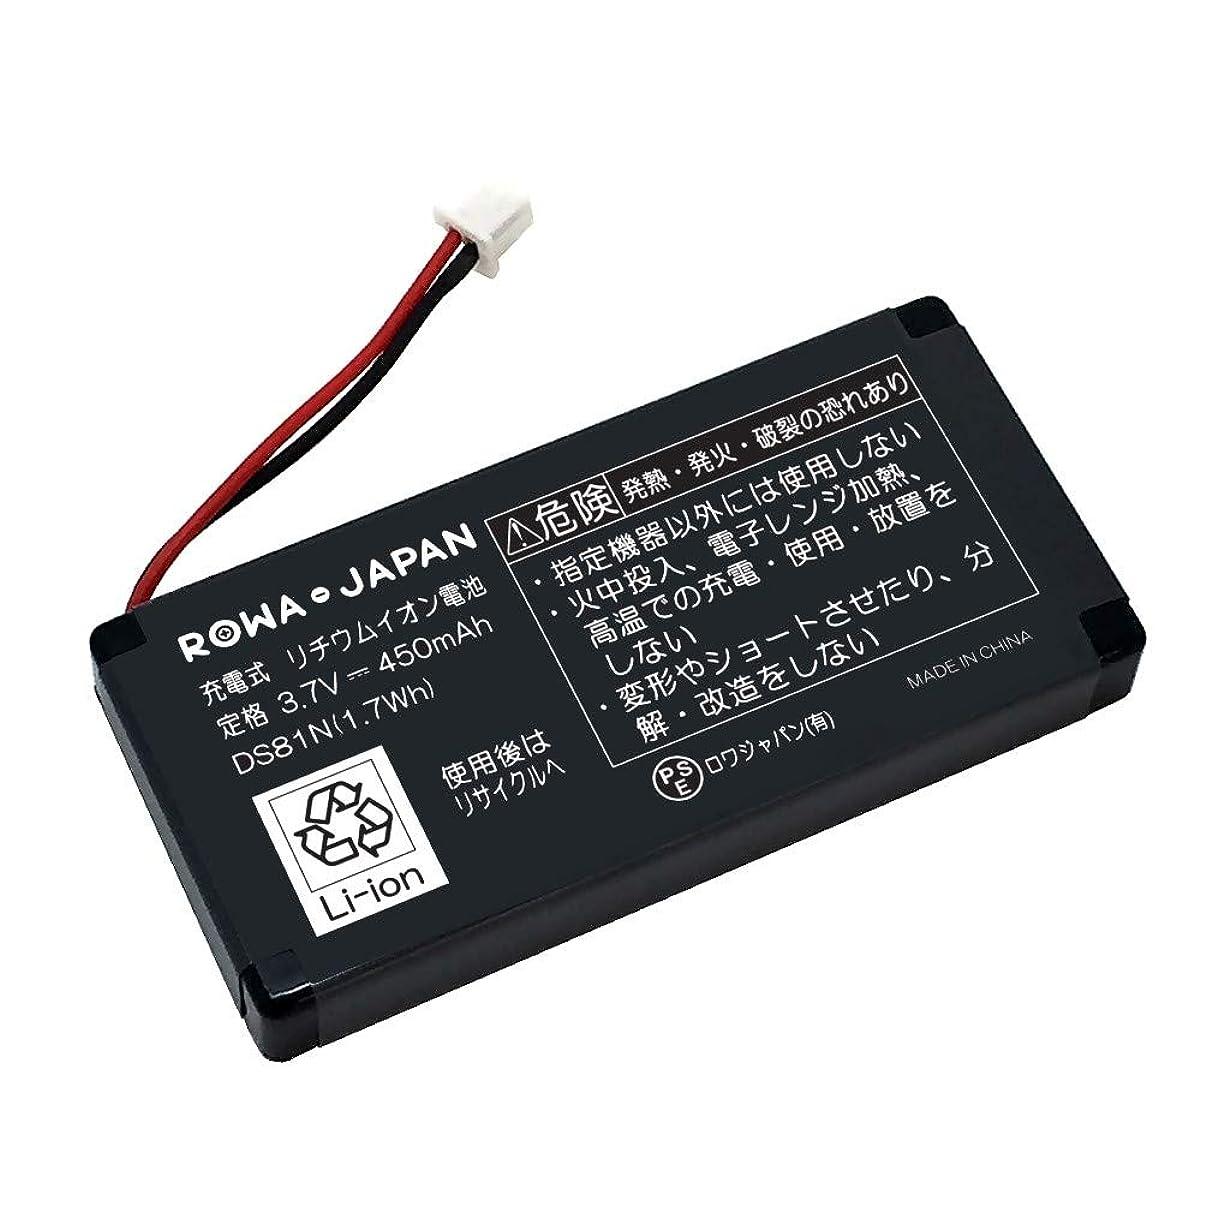 ニュース軽温帯【増量】SAXA DC230 DC200 の BP3742L-A 互換 バッテリー ロワジャパン